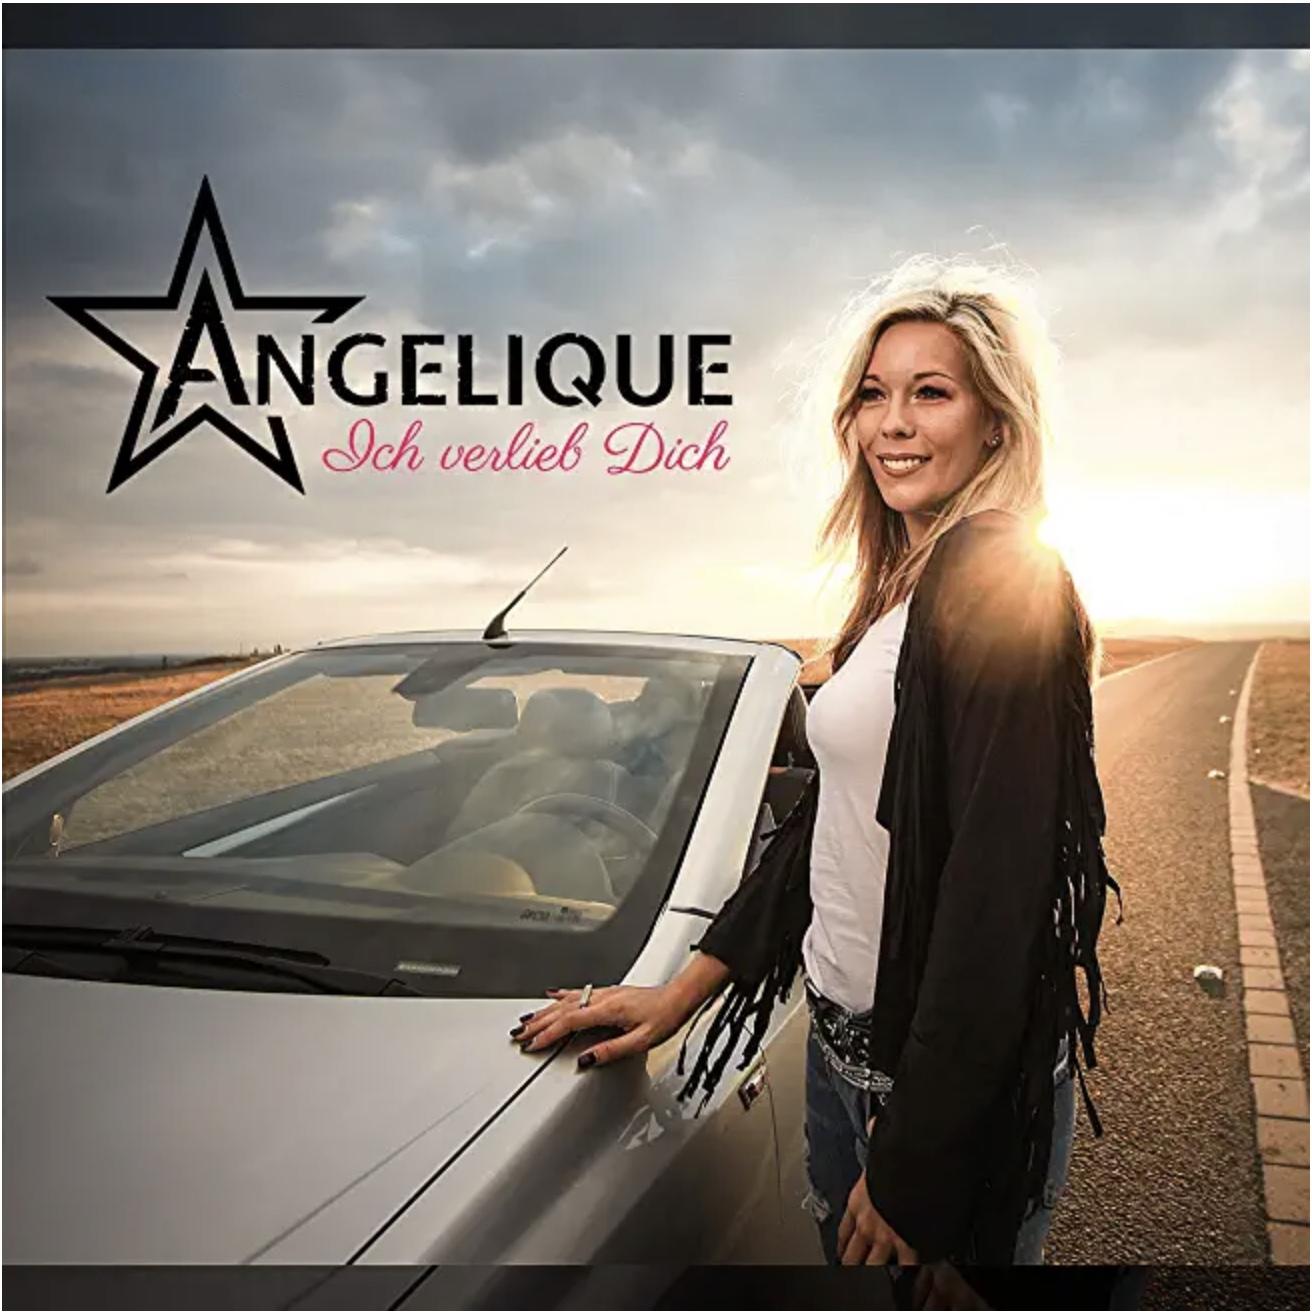 Angelique – Ich verlieb Dich